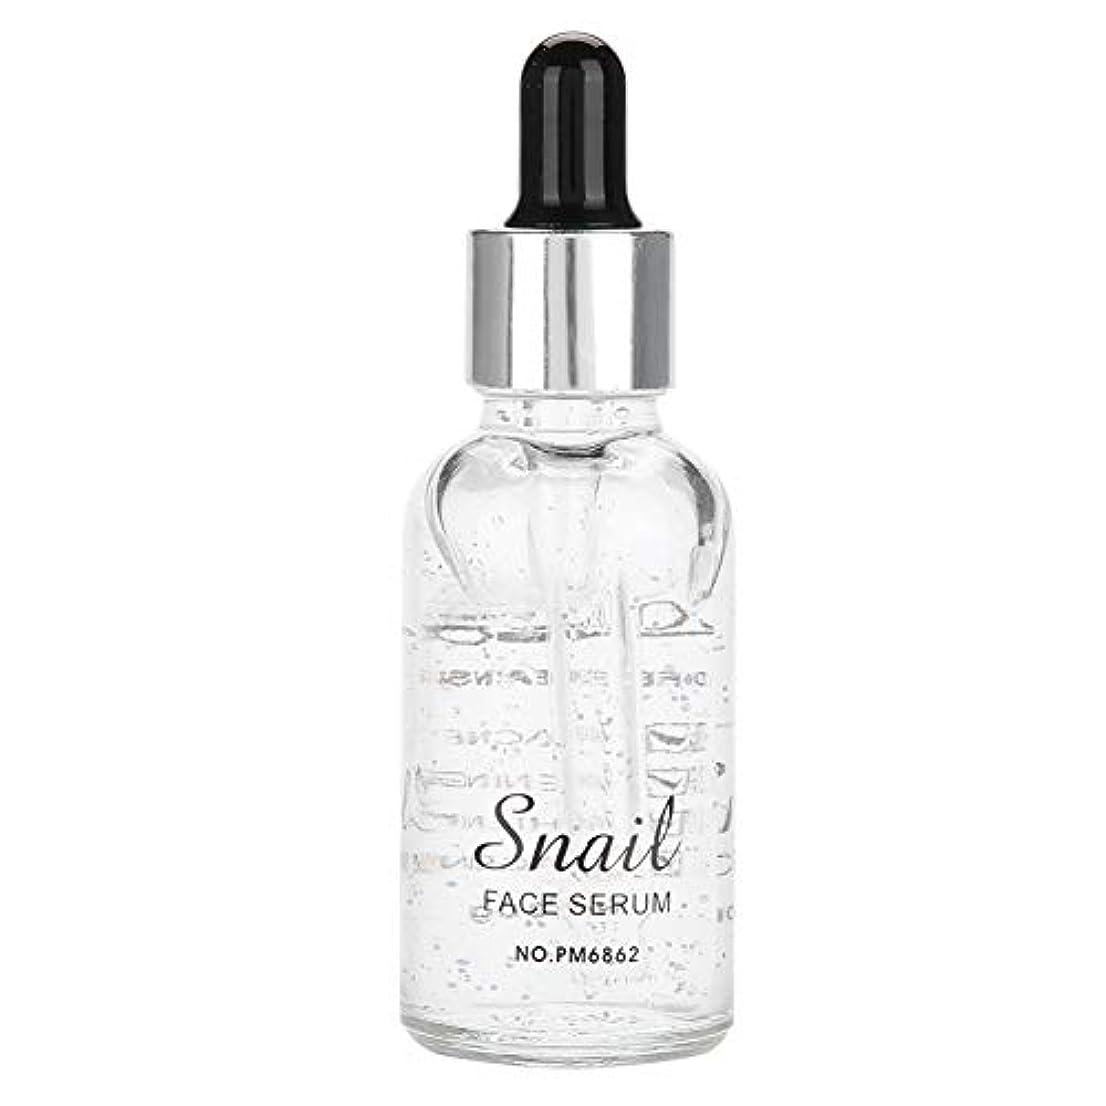 タイプこれまでゴシップSemme Snail Solution血清、天然物質保湿エッセンス粗い毛穴を深く潤いと縮め、肌の弾力性を高め、引き締めます。